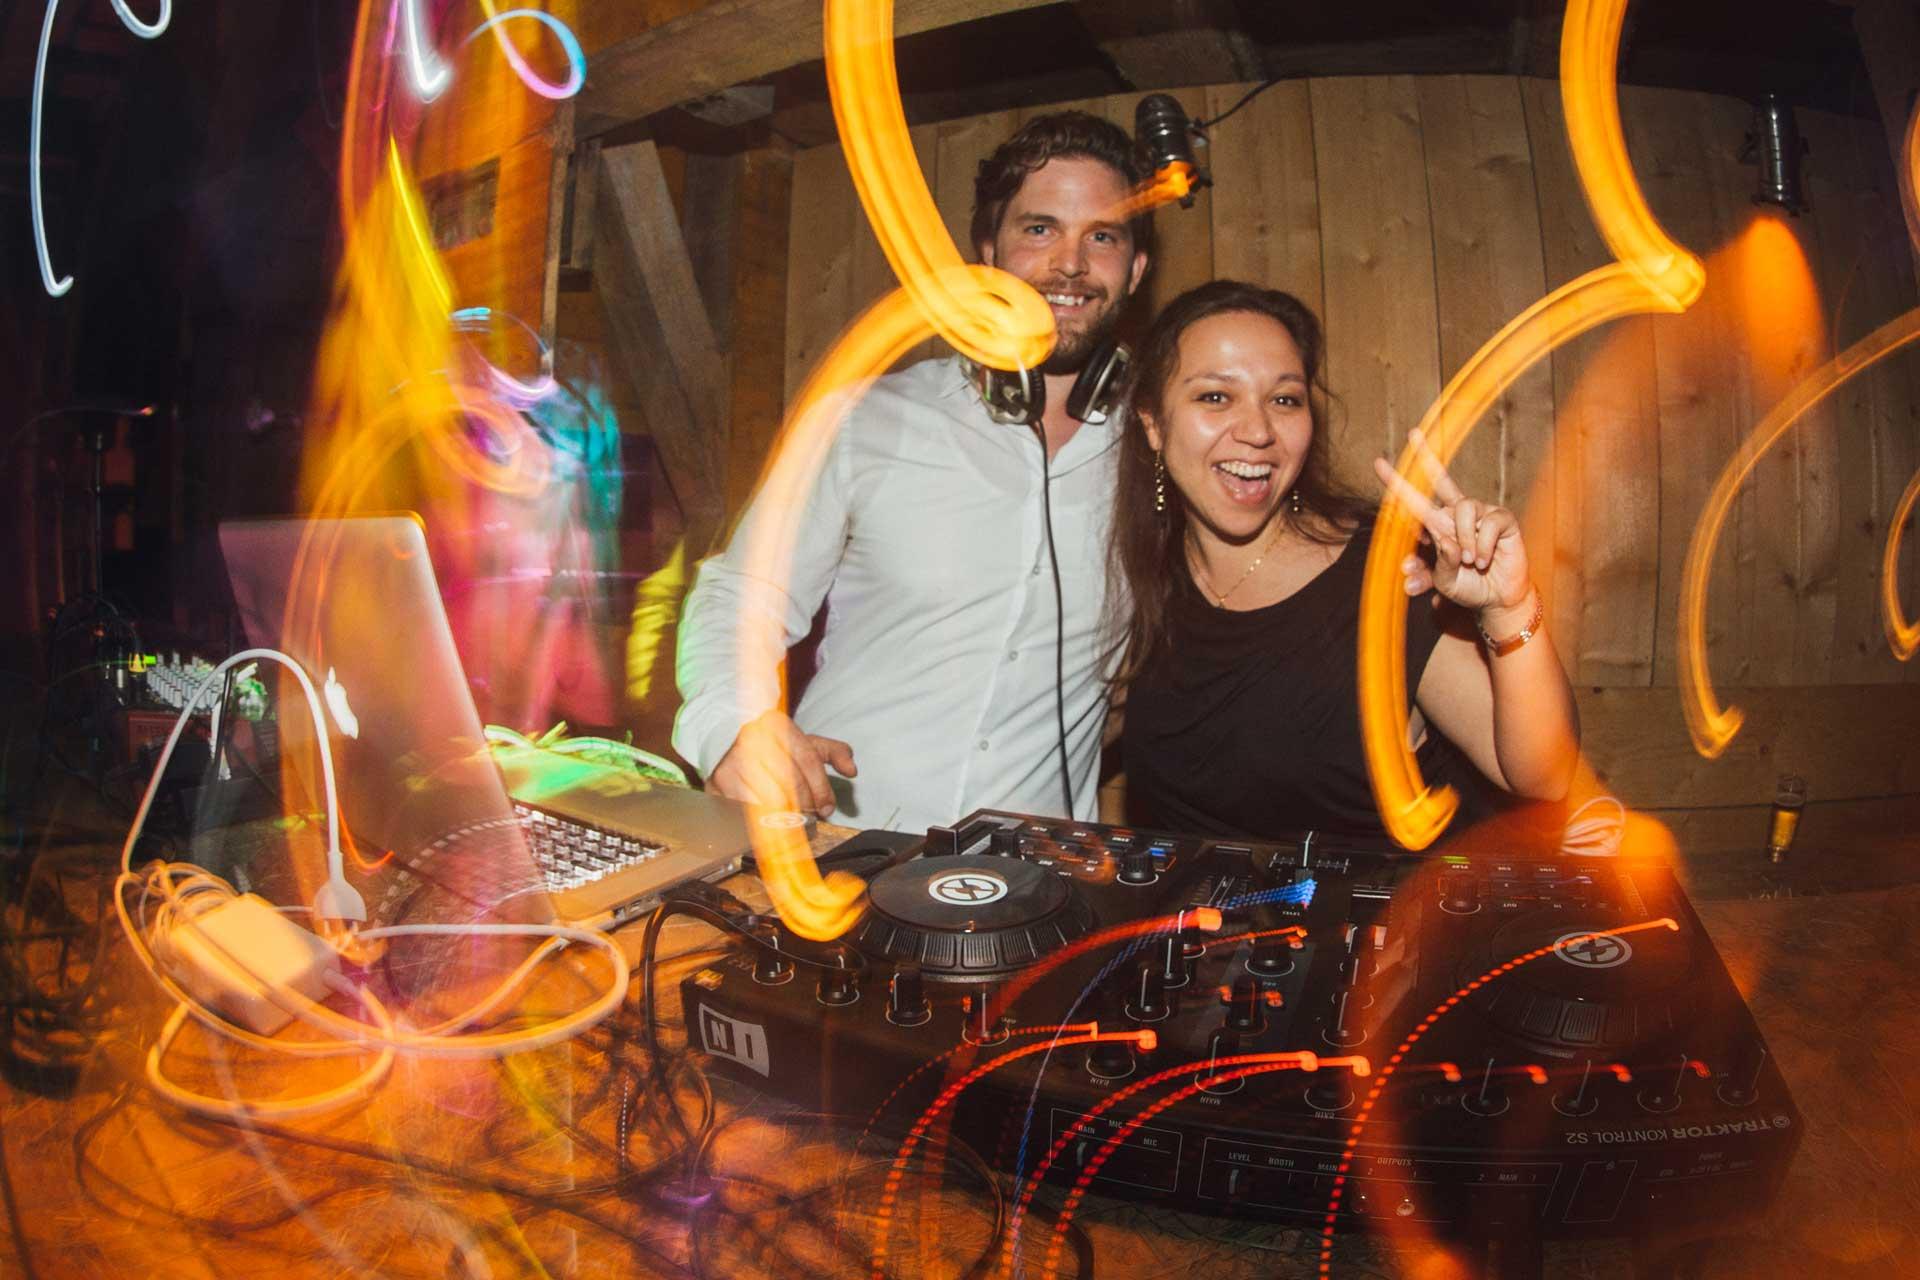 Hochzeitsmusik Hochzeitssängerin Party Hochzeit Sängerin Pianistin Jasmin Joana mit DJ